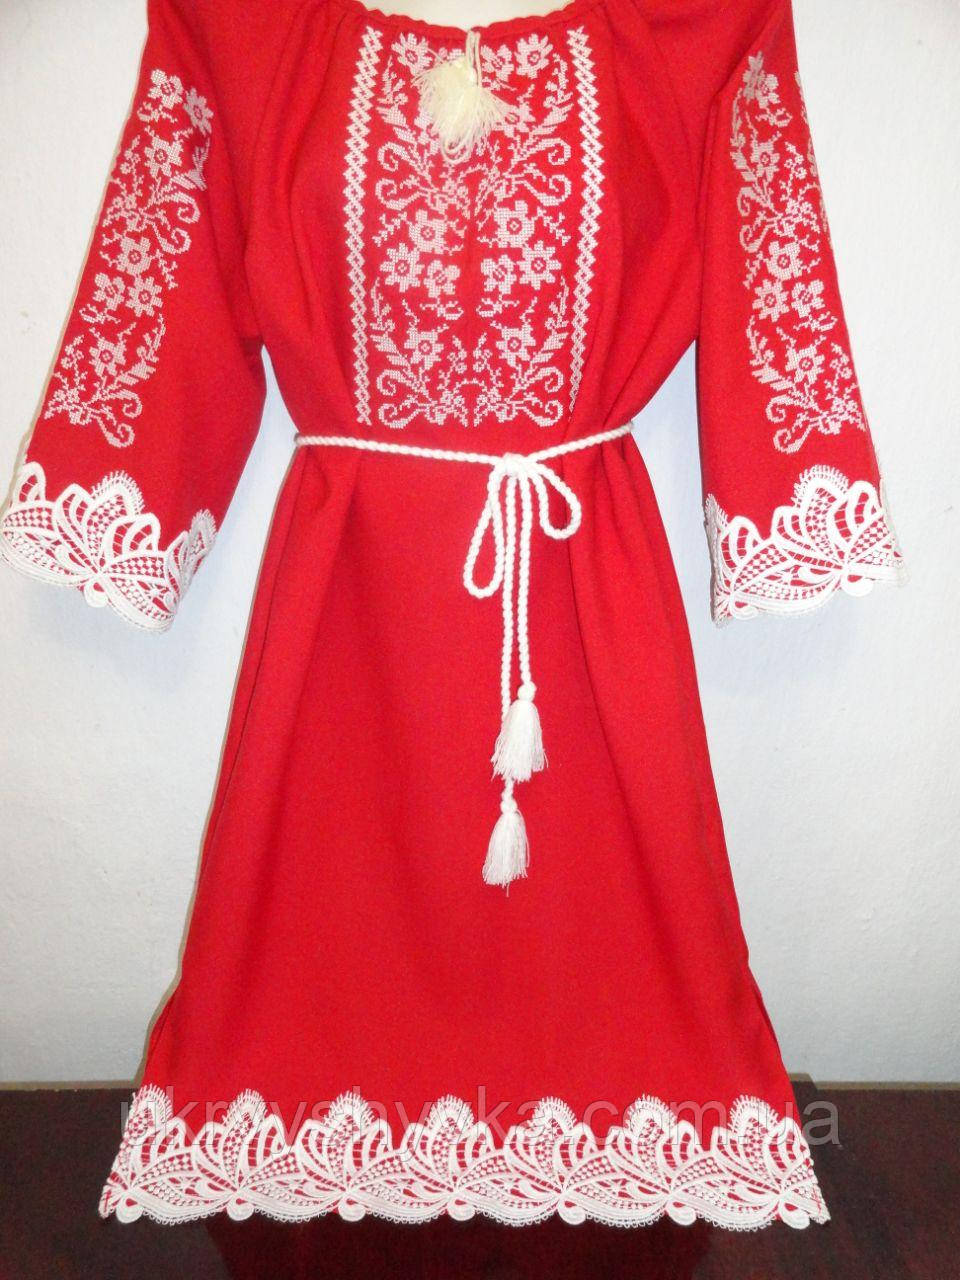 0b0873e4f8e049 Жіноче плаття червоного кольору